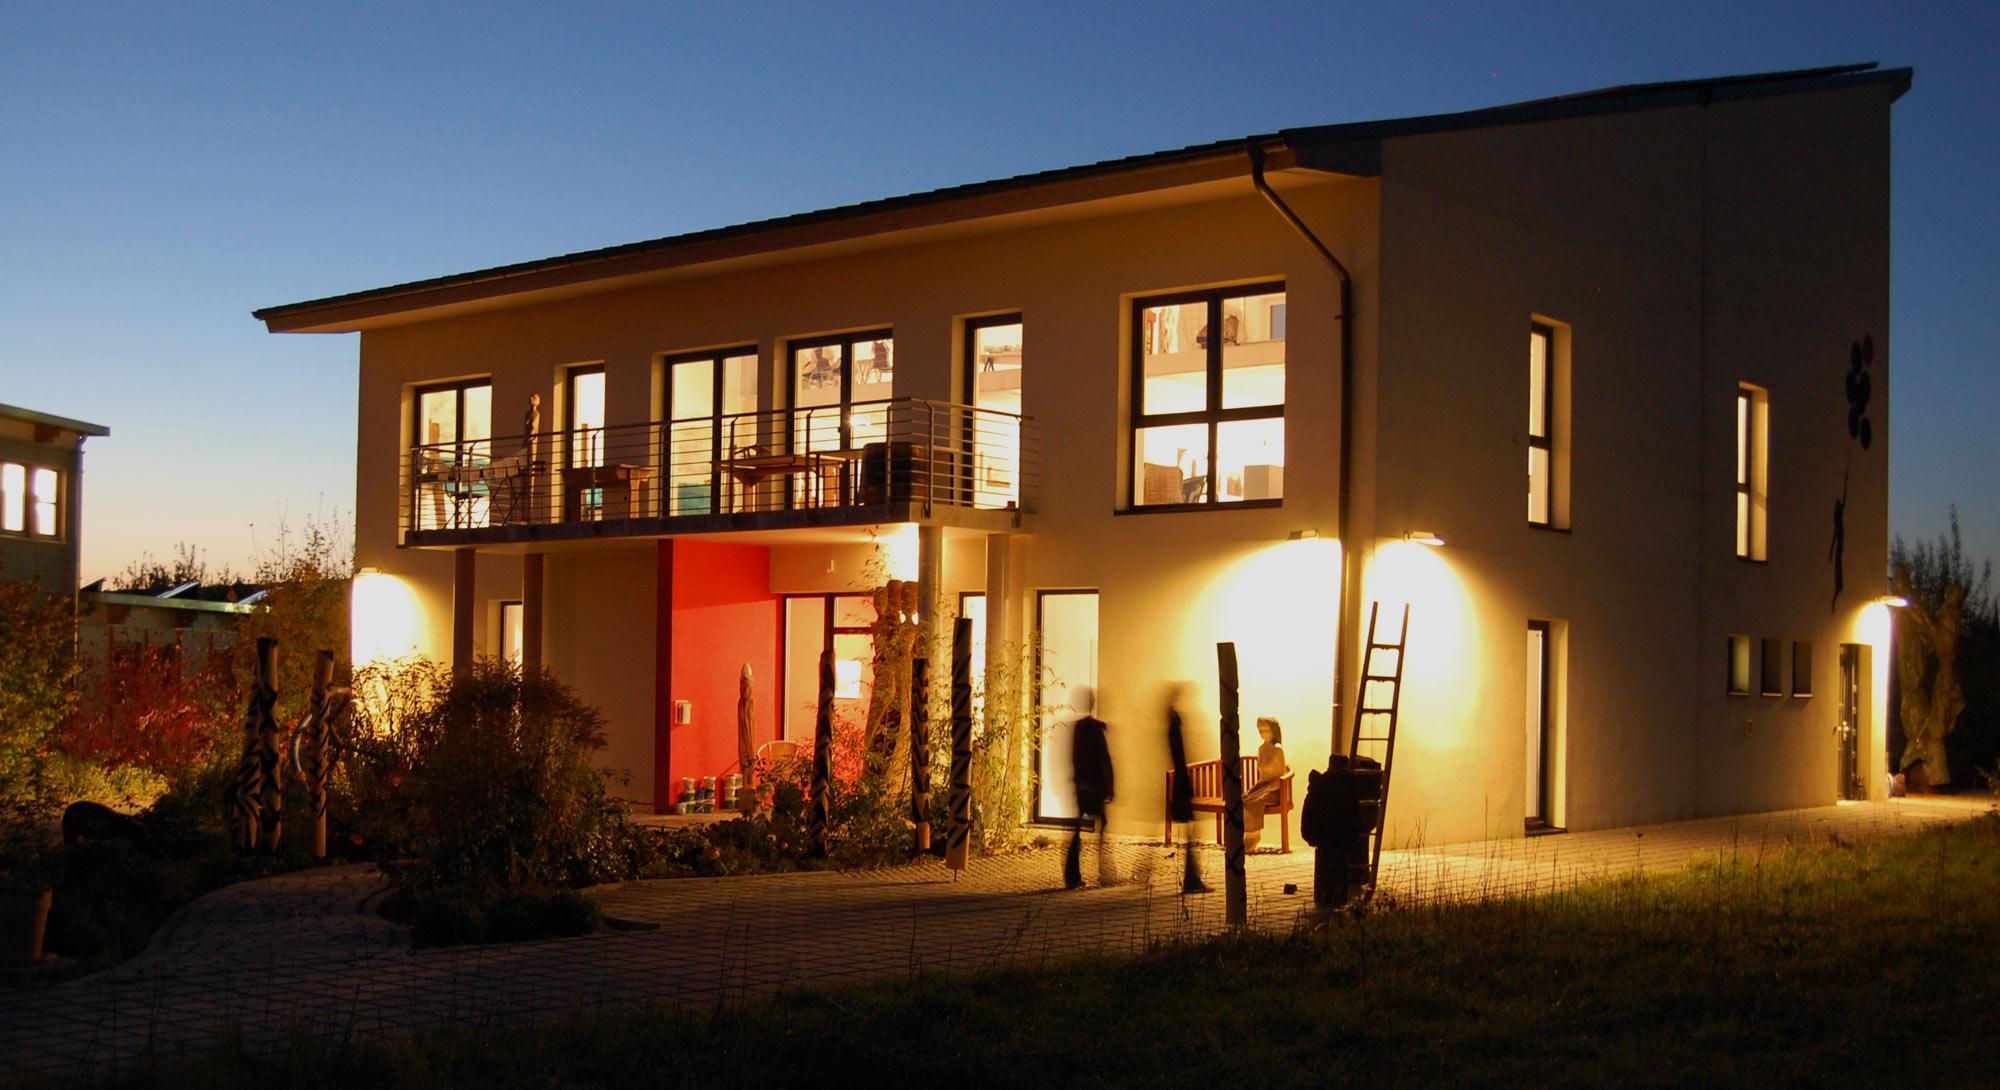 Atelier : Auf dem Hohenstein - Bad Nauheim